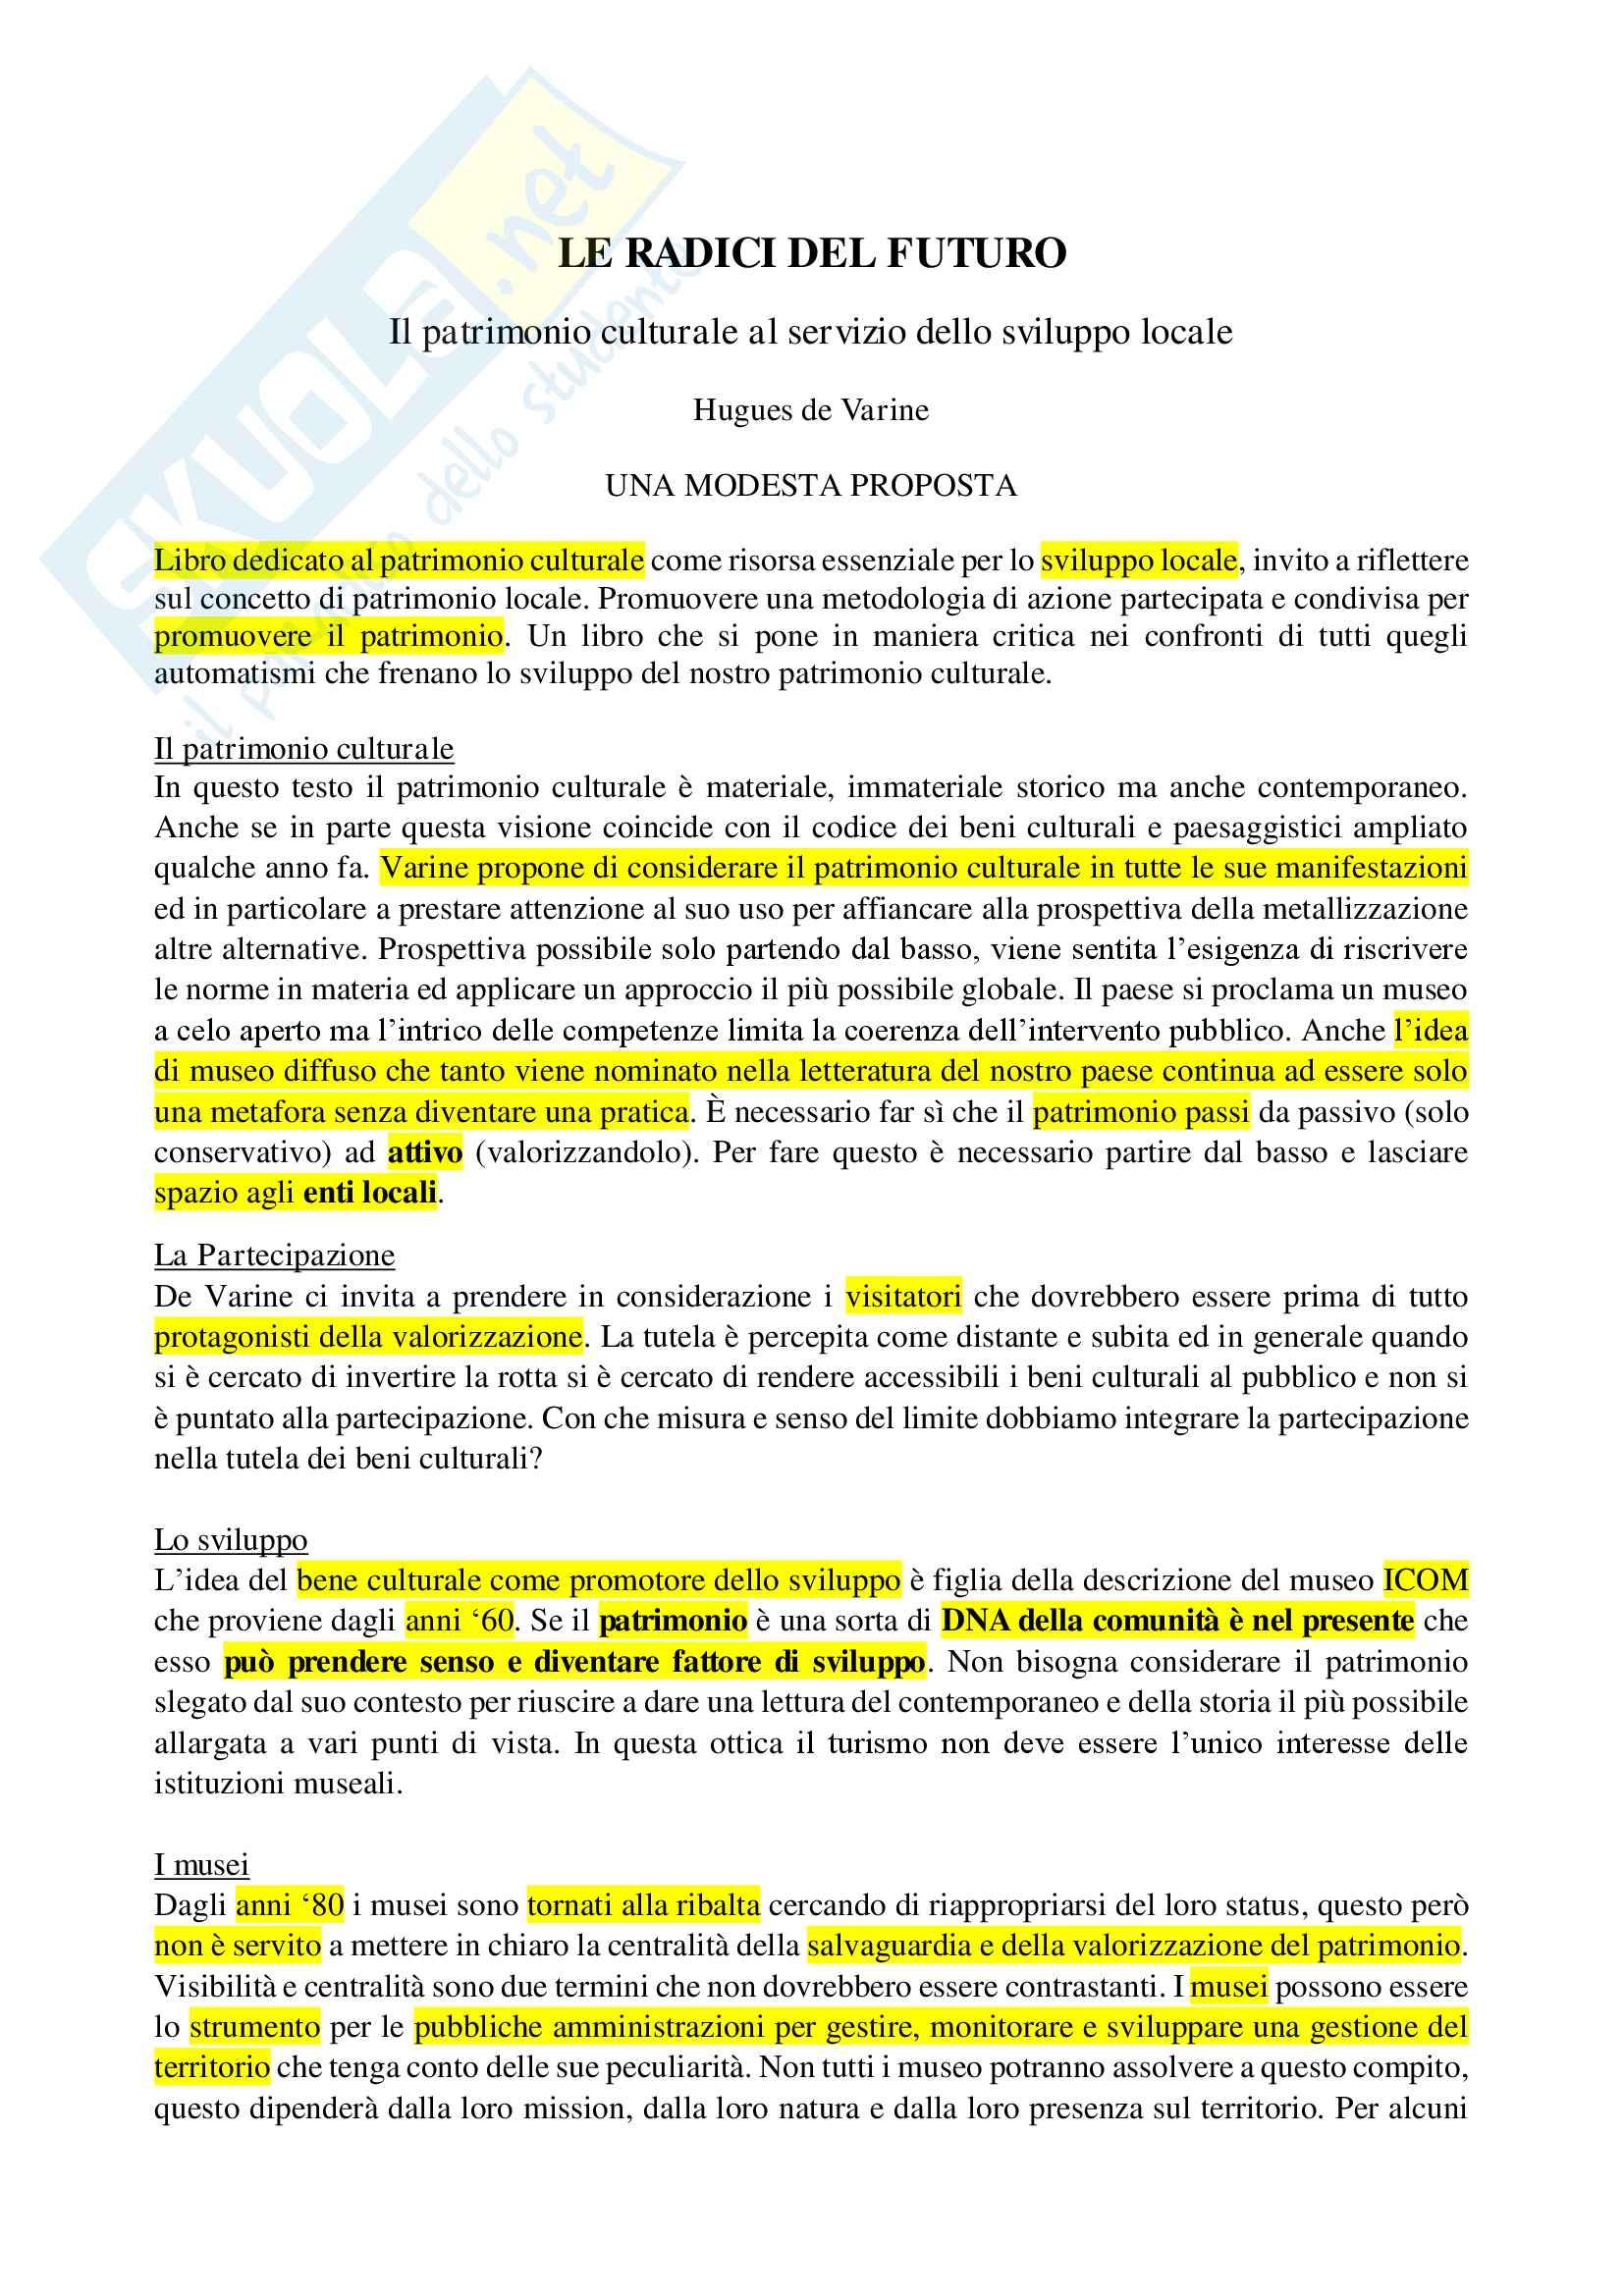 """Riassunto esame Museologia del contemporaneo, prof. Battistini, libro consigliato """"Le radici del futuro"""", Hugues de Varine"""